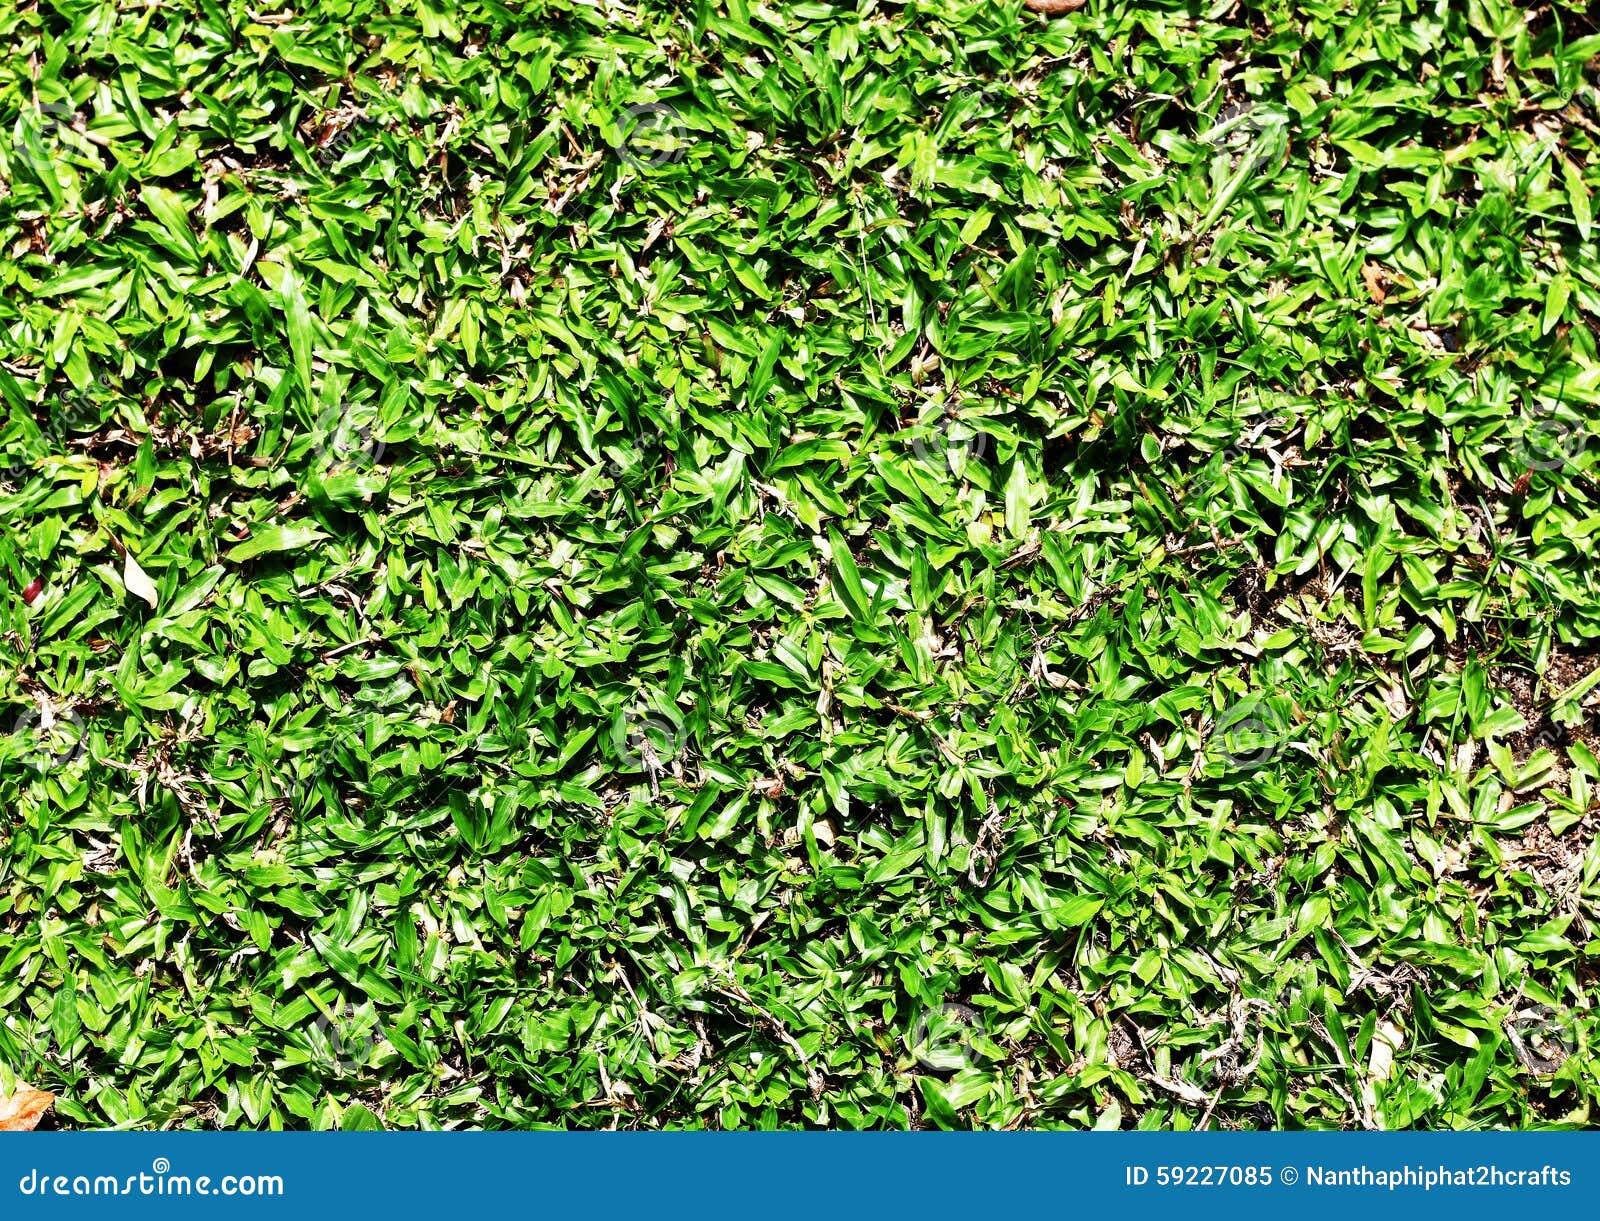 Download Hierba verde imagen de archivo. Imagen de contexto, limpio - 59227085